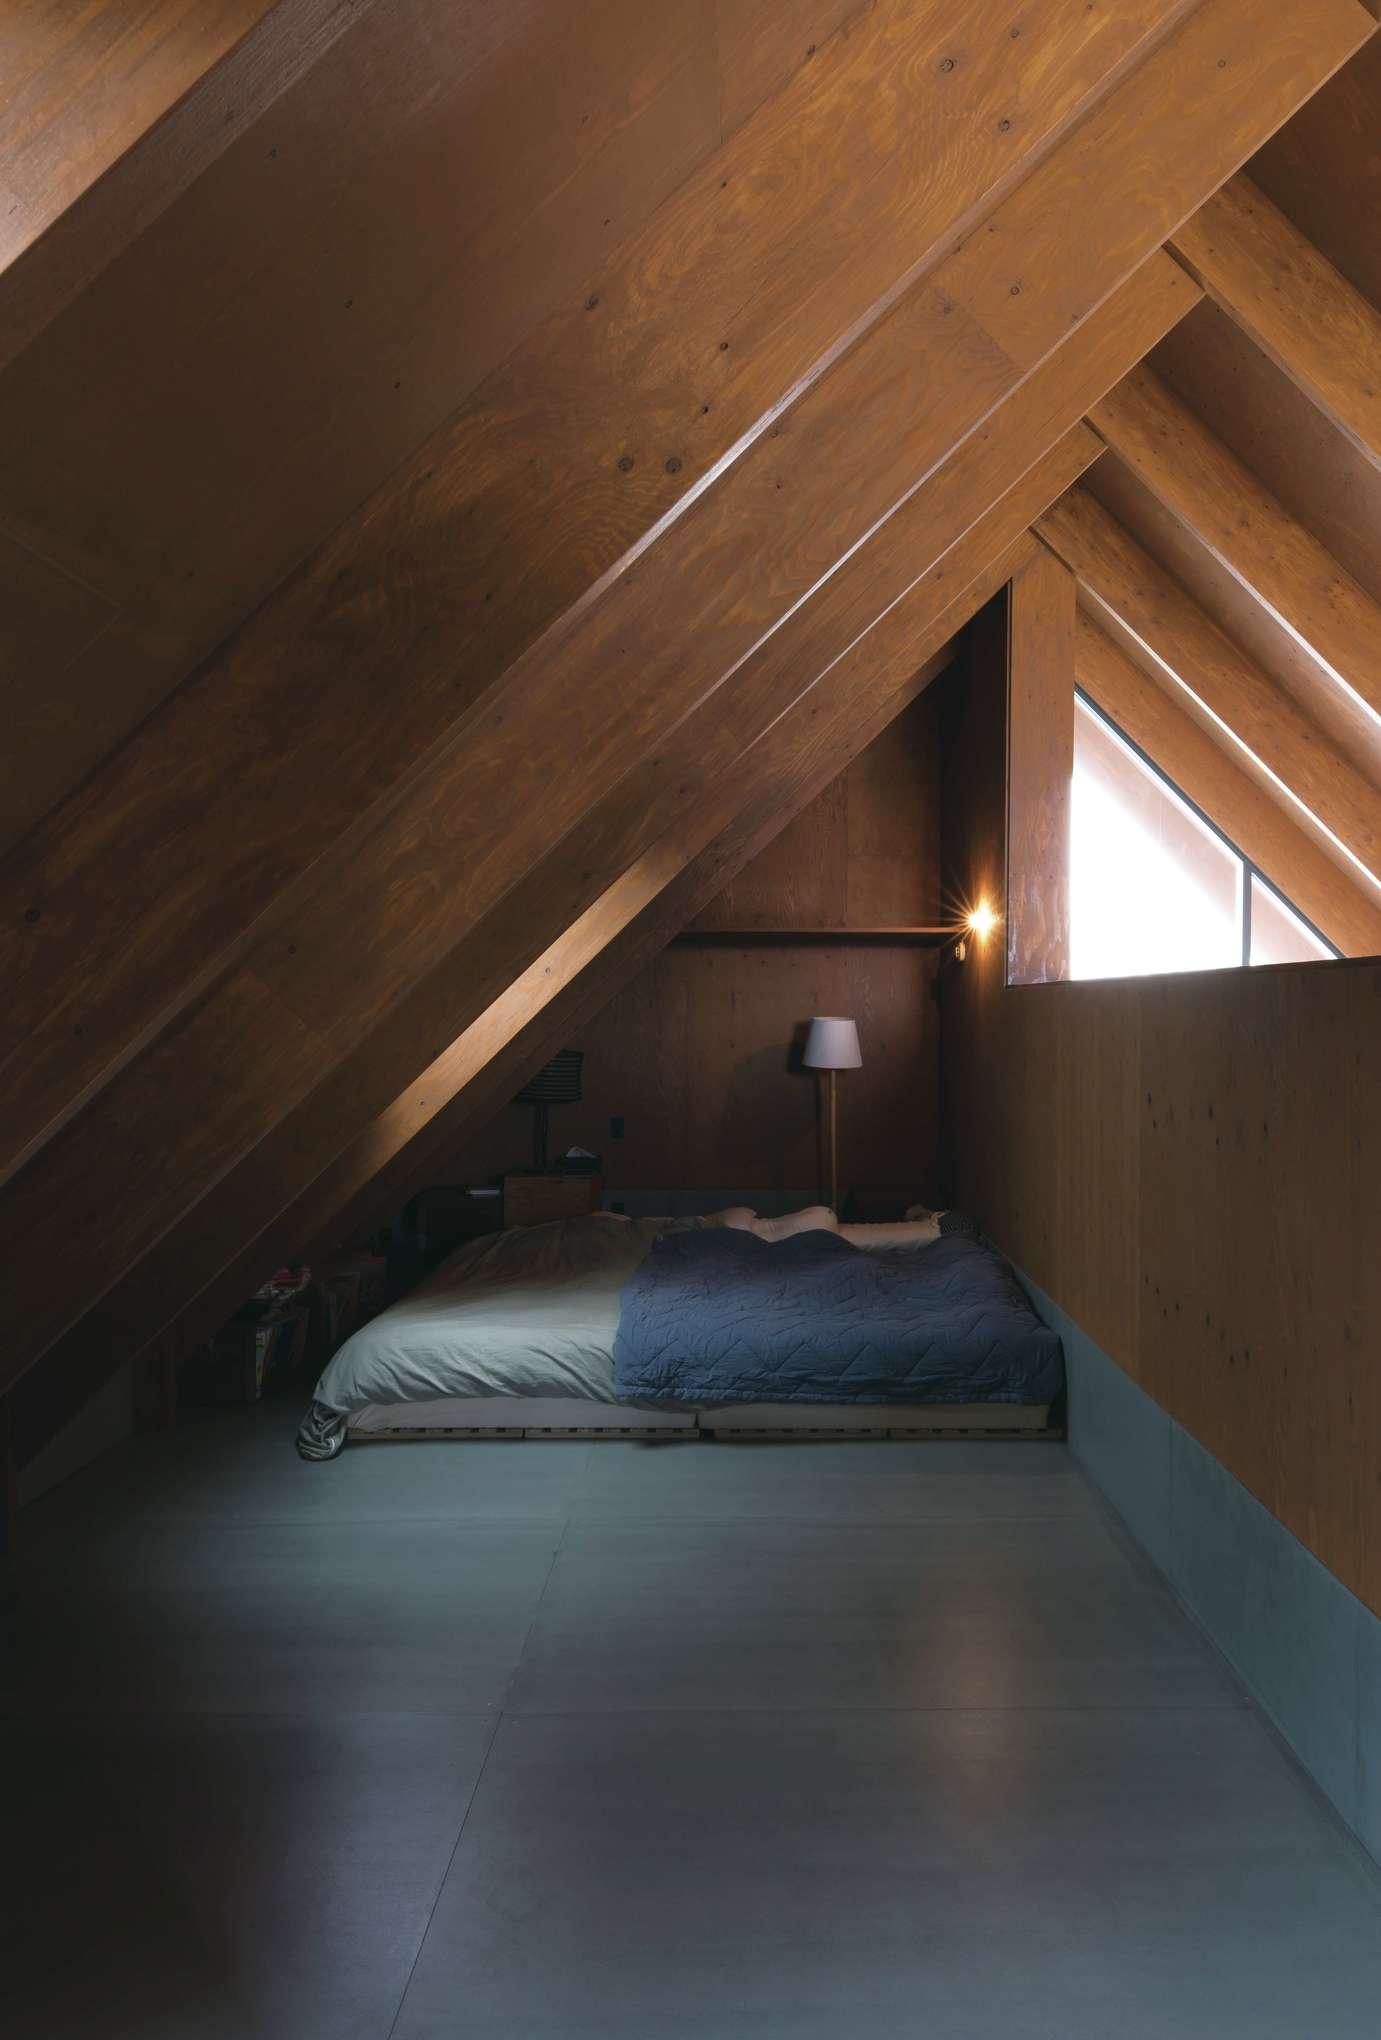 建杜 KENT(大栄工業)【デザイン住宅、自然素材、建築家】2階は大きなロフトのようなワンフロアのつくり。一角に配置した寝室は、リビングの気配を感じられて、屋根裏の程よいおこもり感も確保